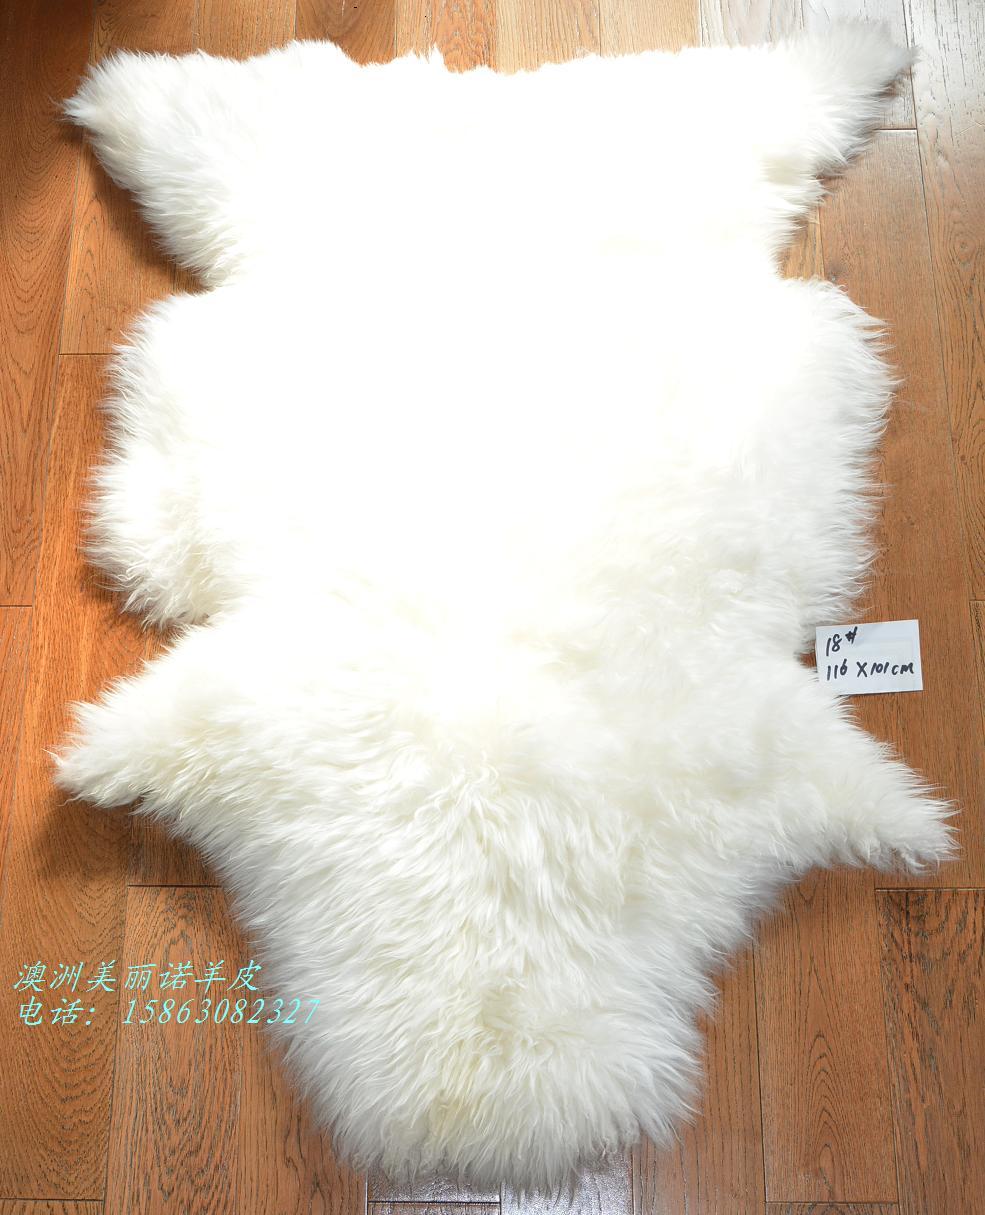 Матрас-подушка на подоконник   18